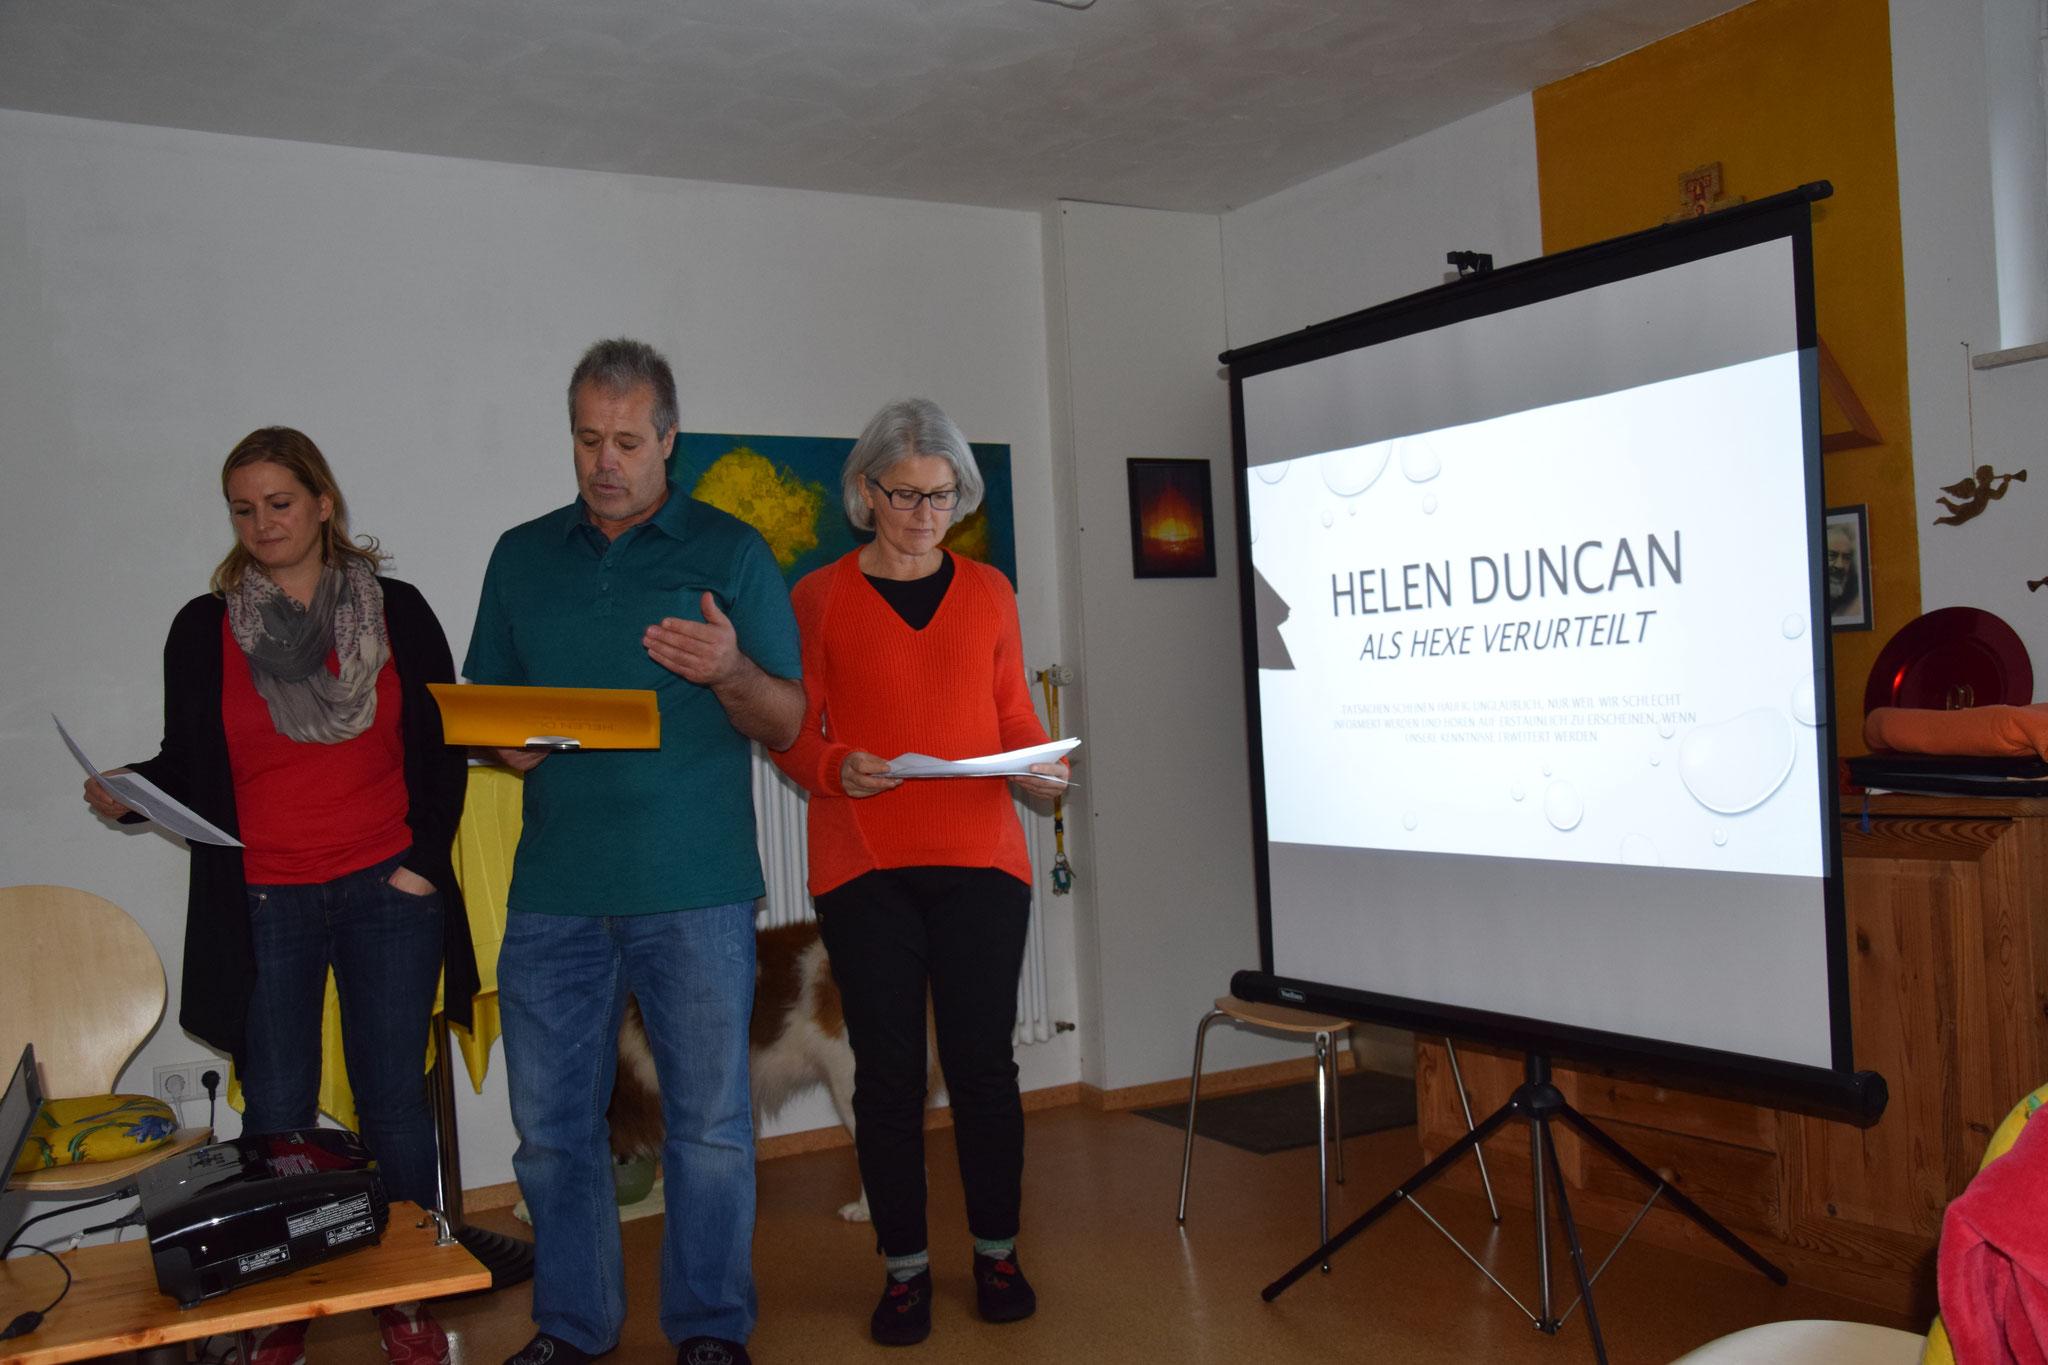 Elena, Franz und Gabriele präsentieren das Wirken und Leben von Helen Duncan.